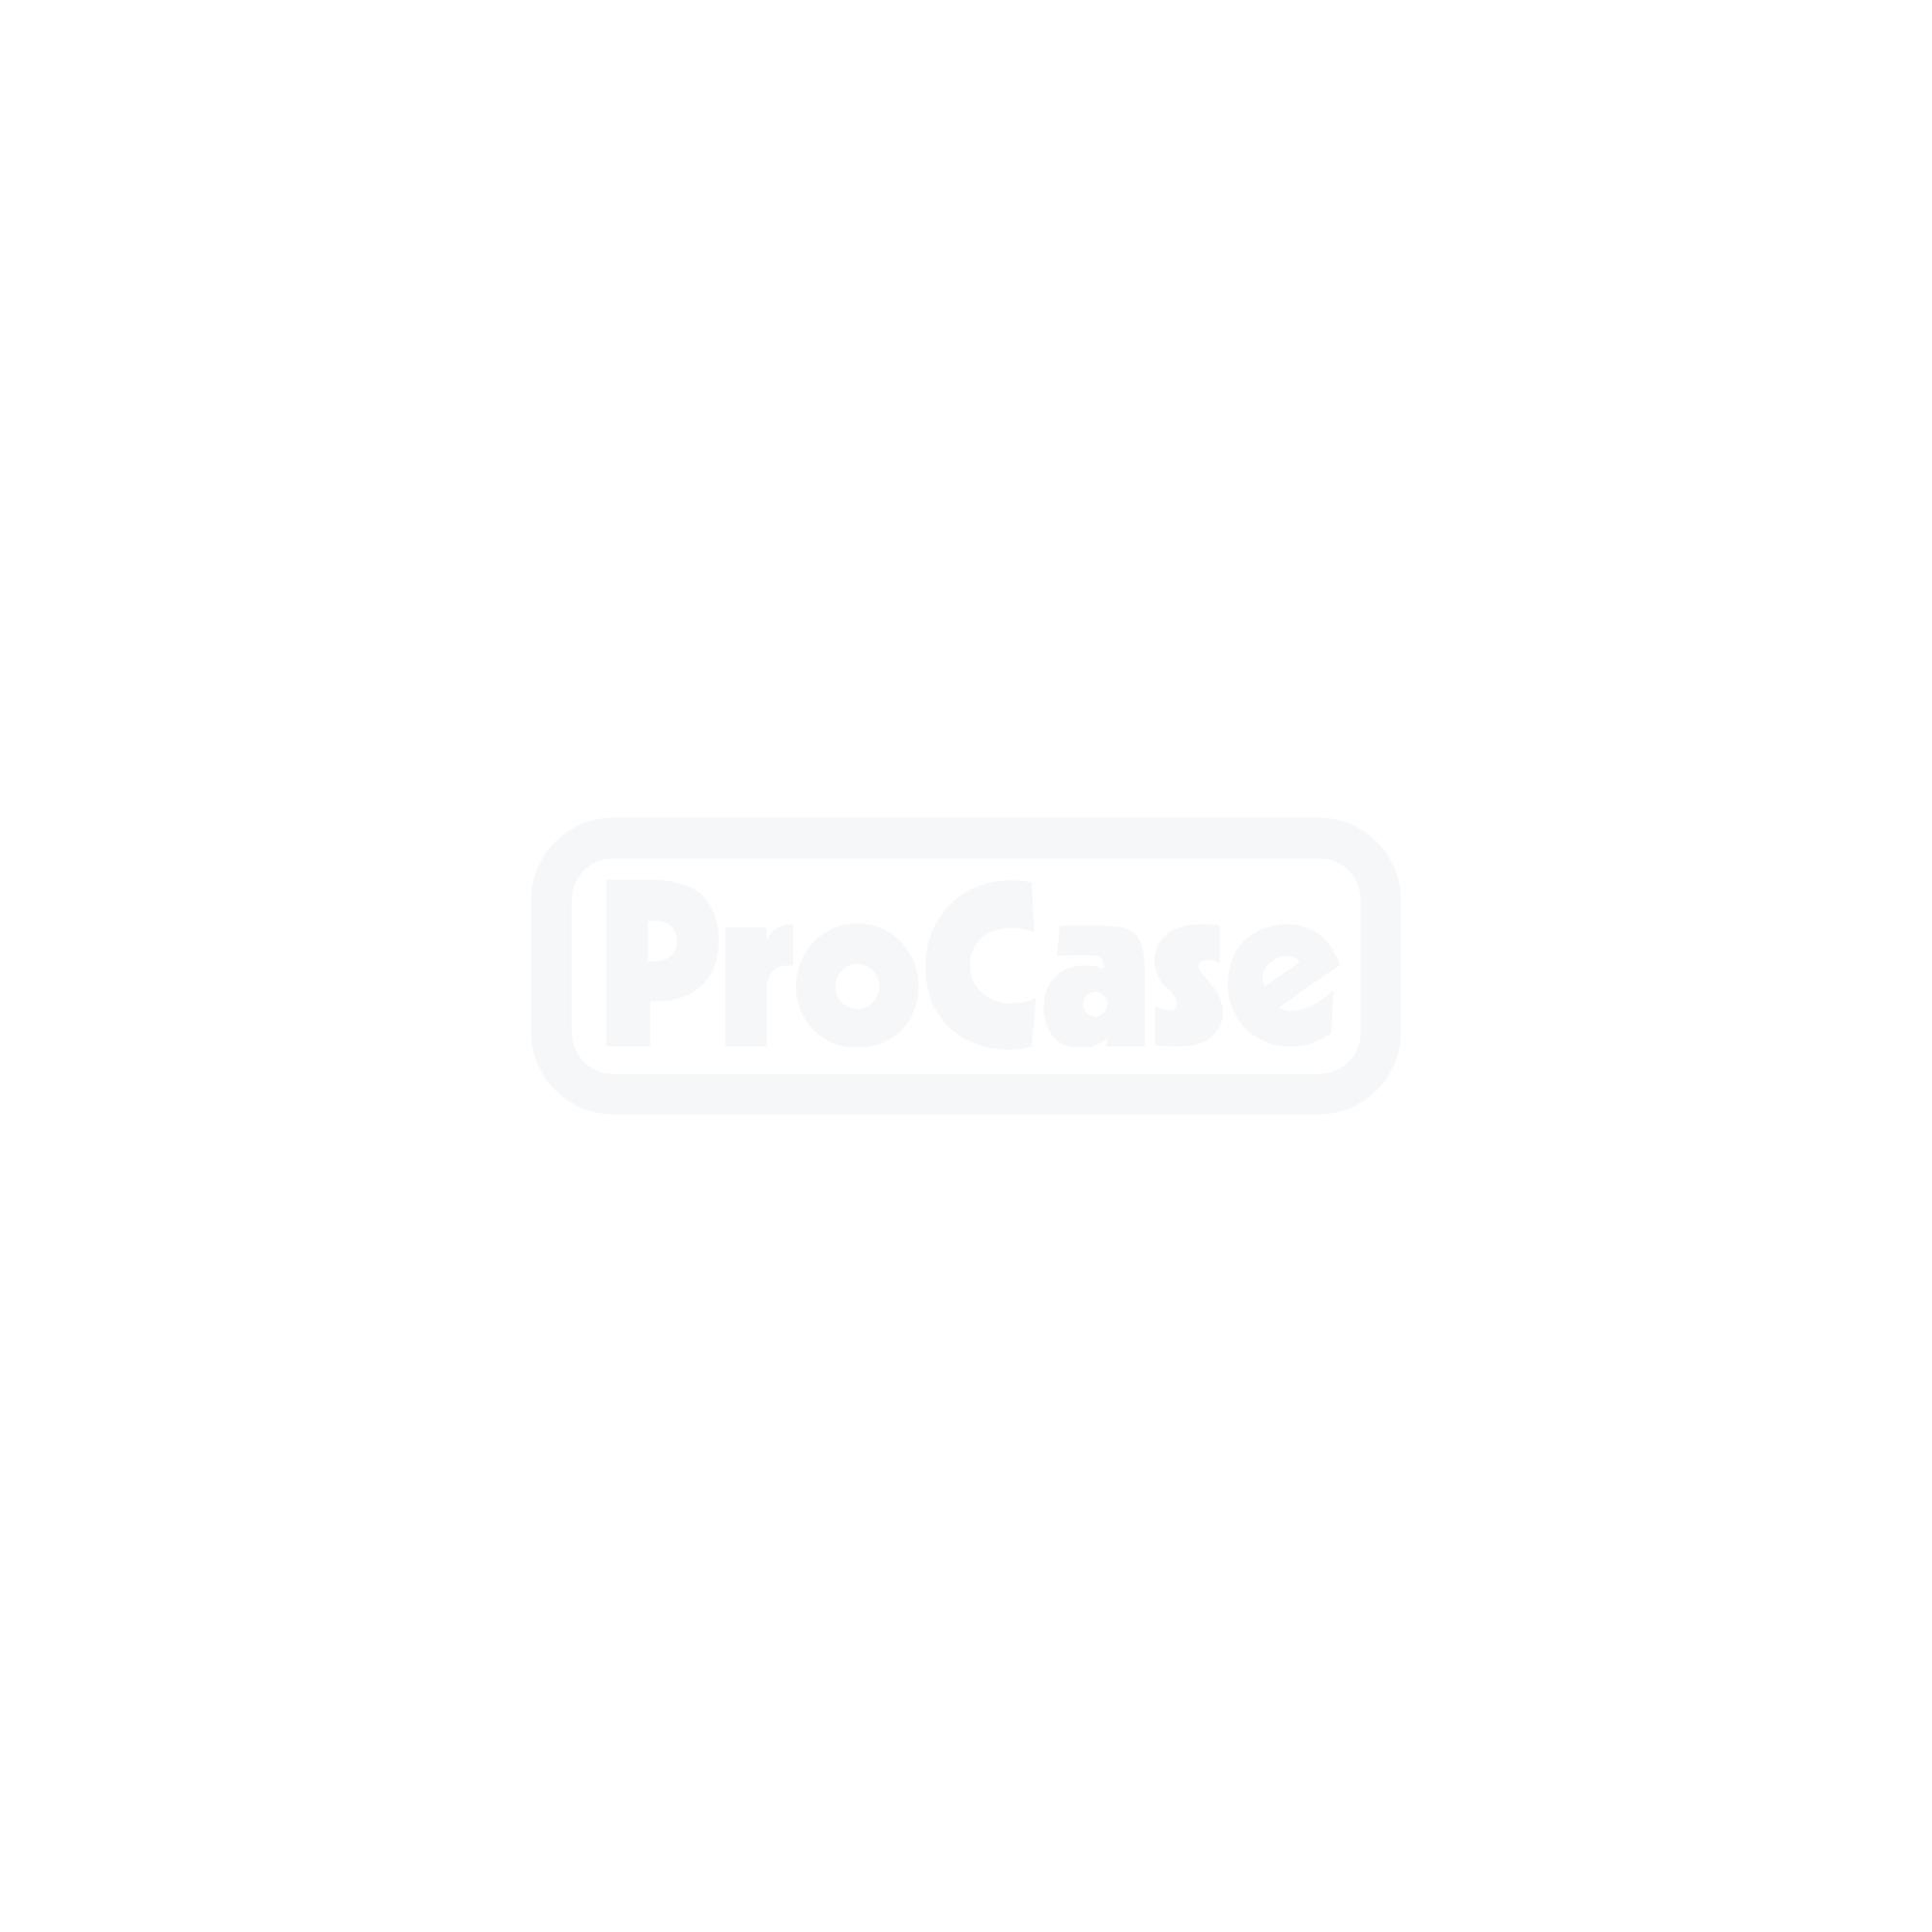 SKB 3i Koffer 4214-5 leer mit Trolley 2